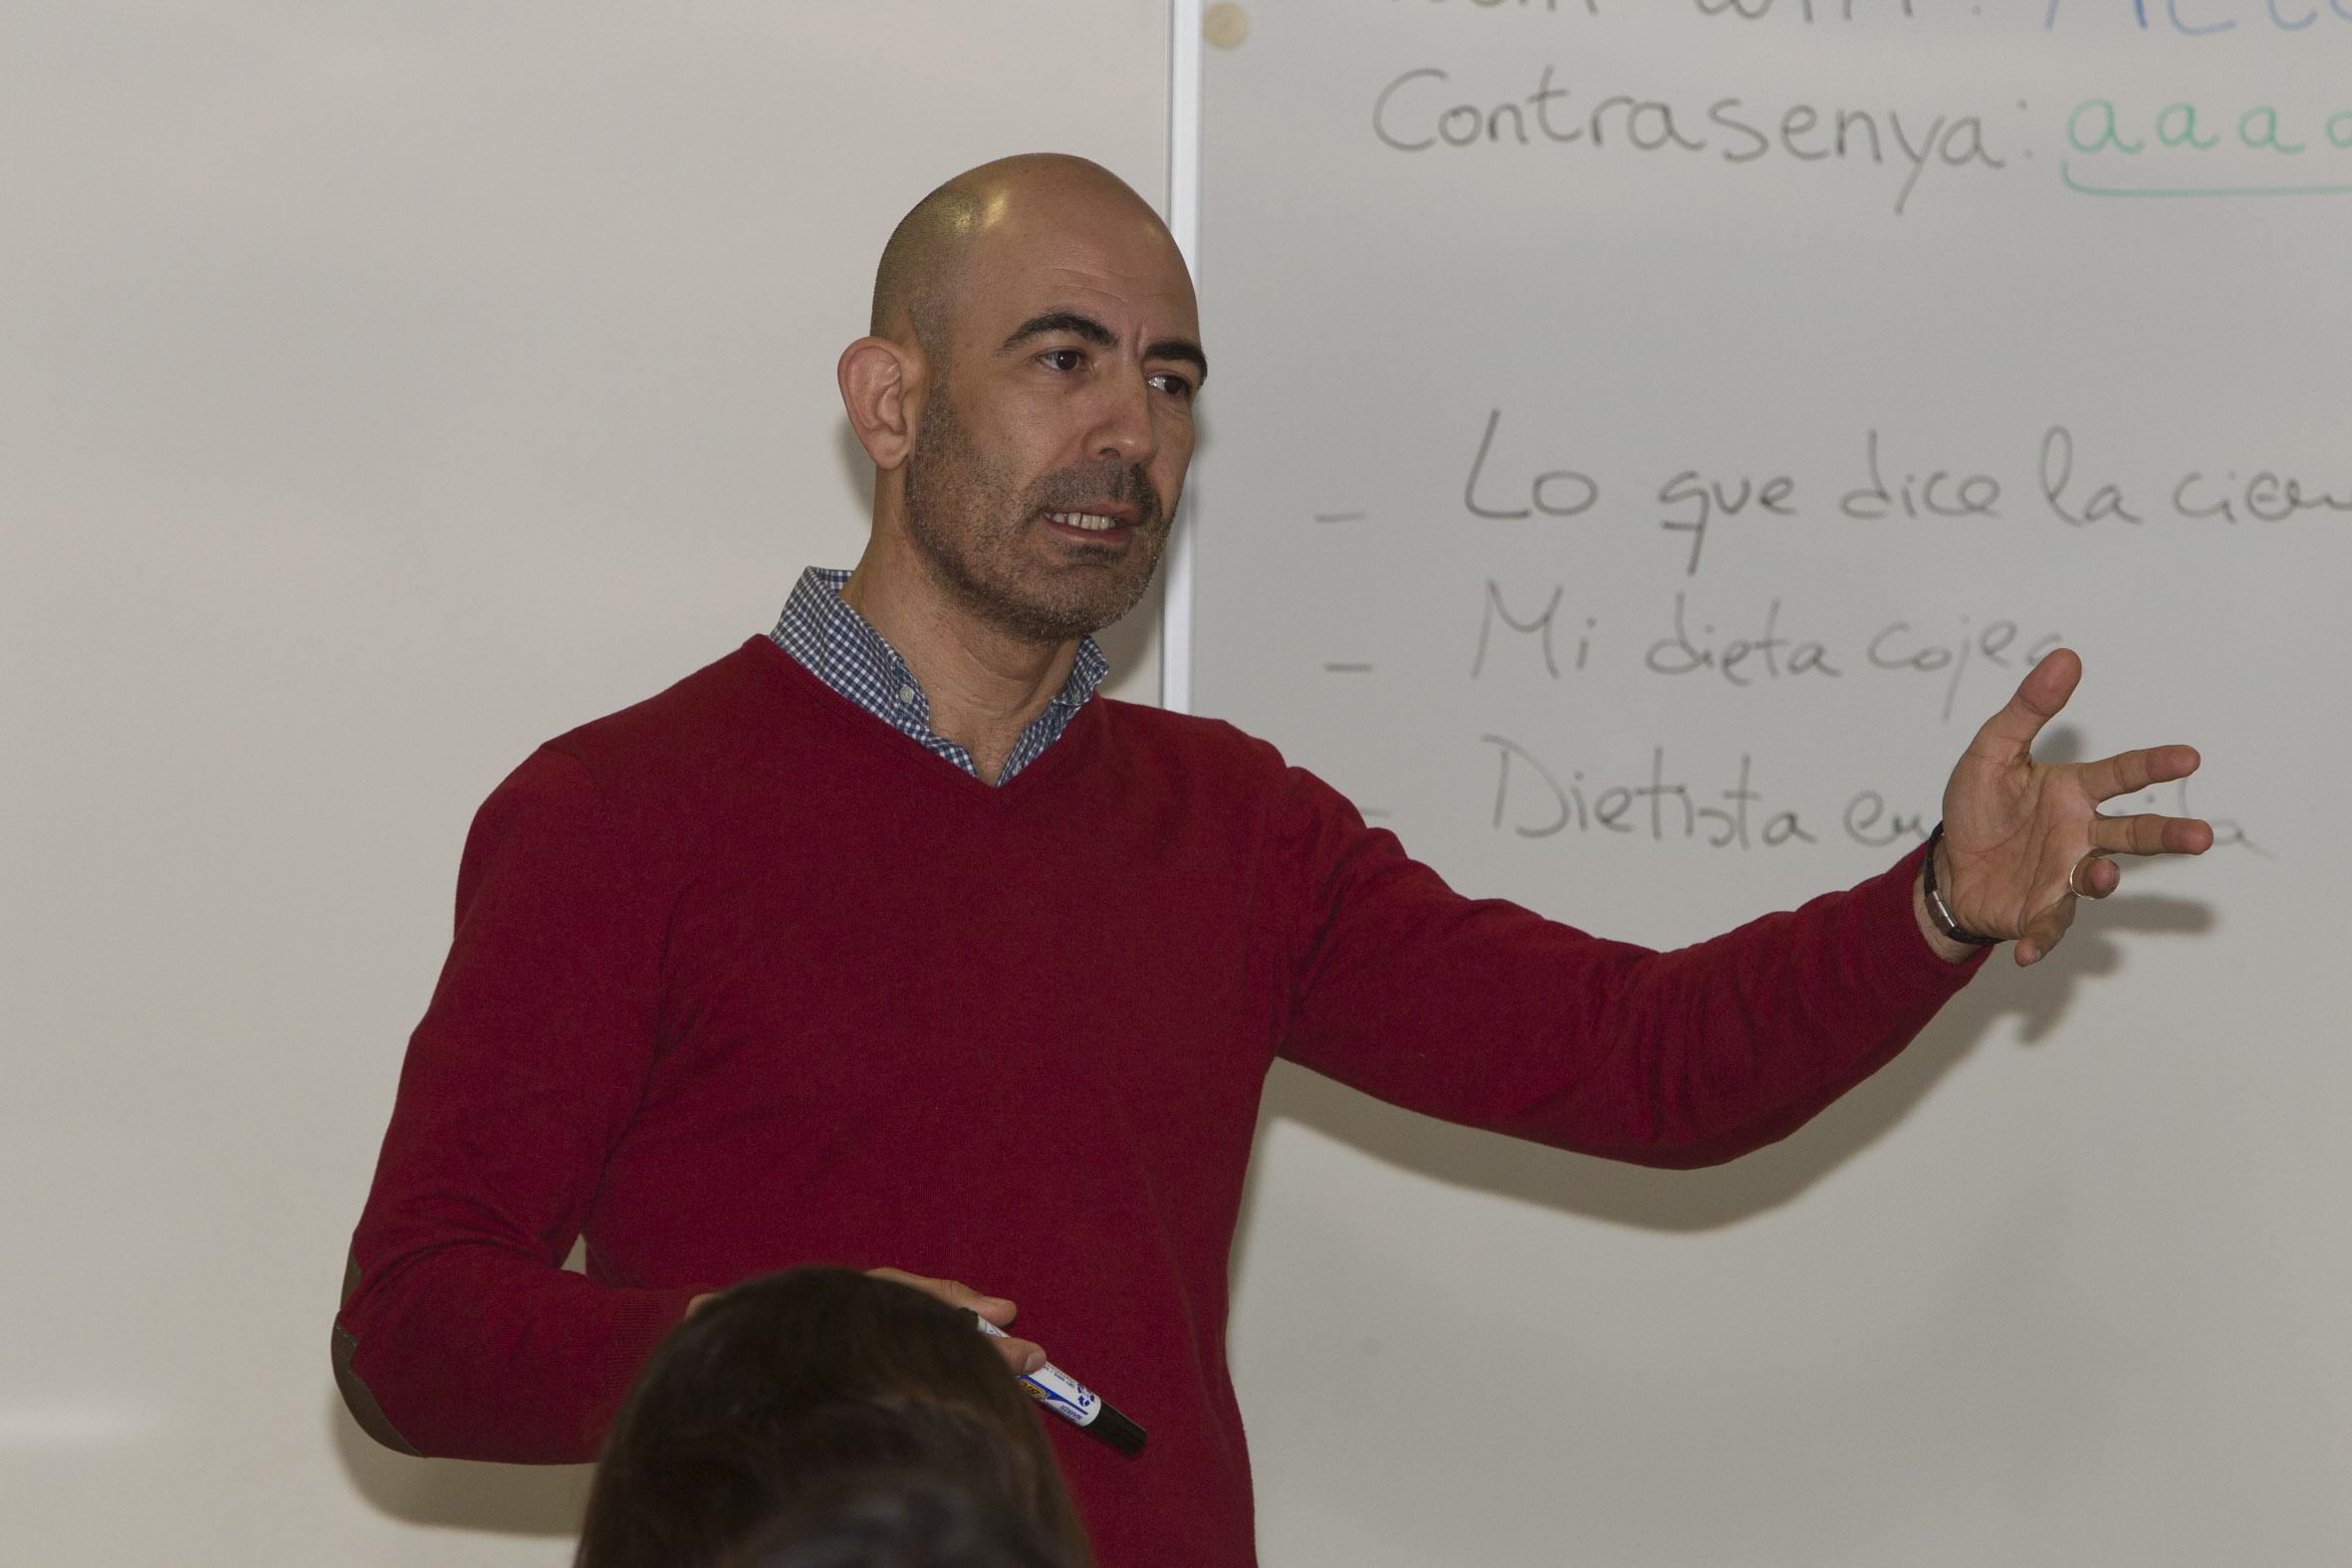 """Carlos Fernandez Oropesa, farmacèutic d'atenció primària de l'àrea de gestió sanitària nord-est de Granada i membre del comitè editorial del blog oficial """"Farmacia de Atención Primaria"""" de la SEFAP"""